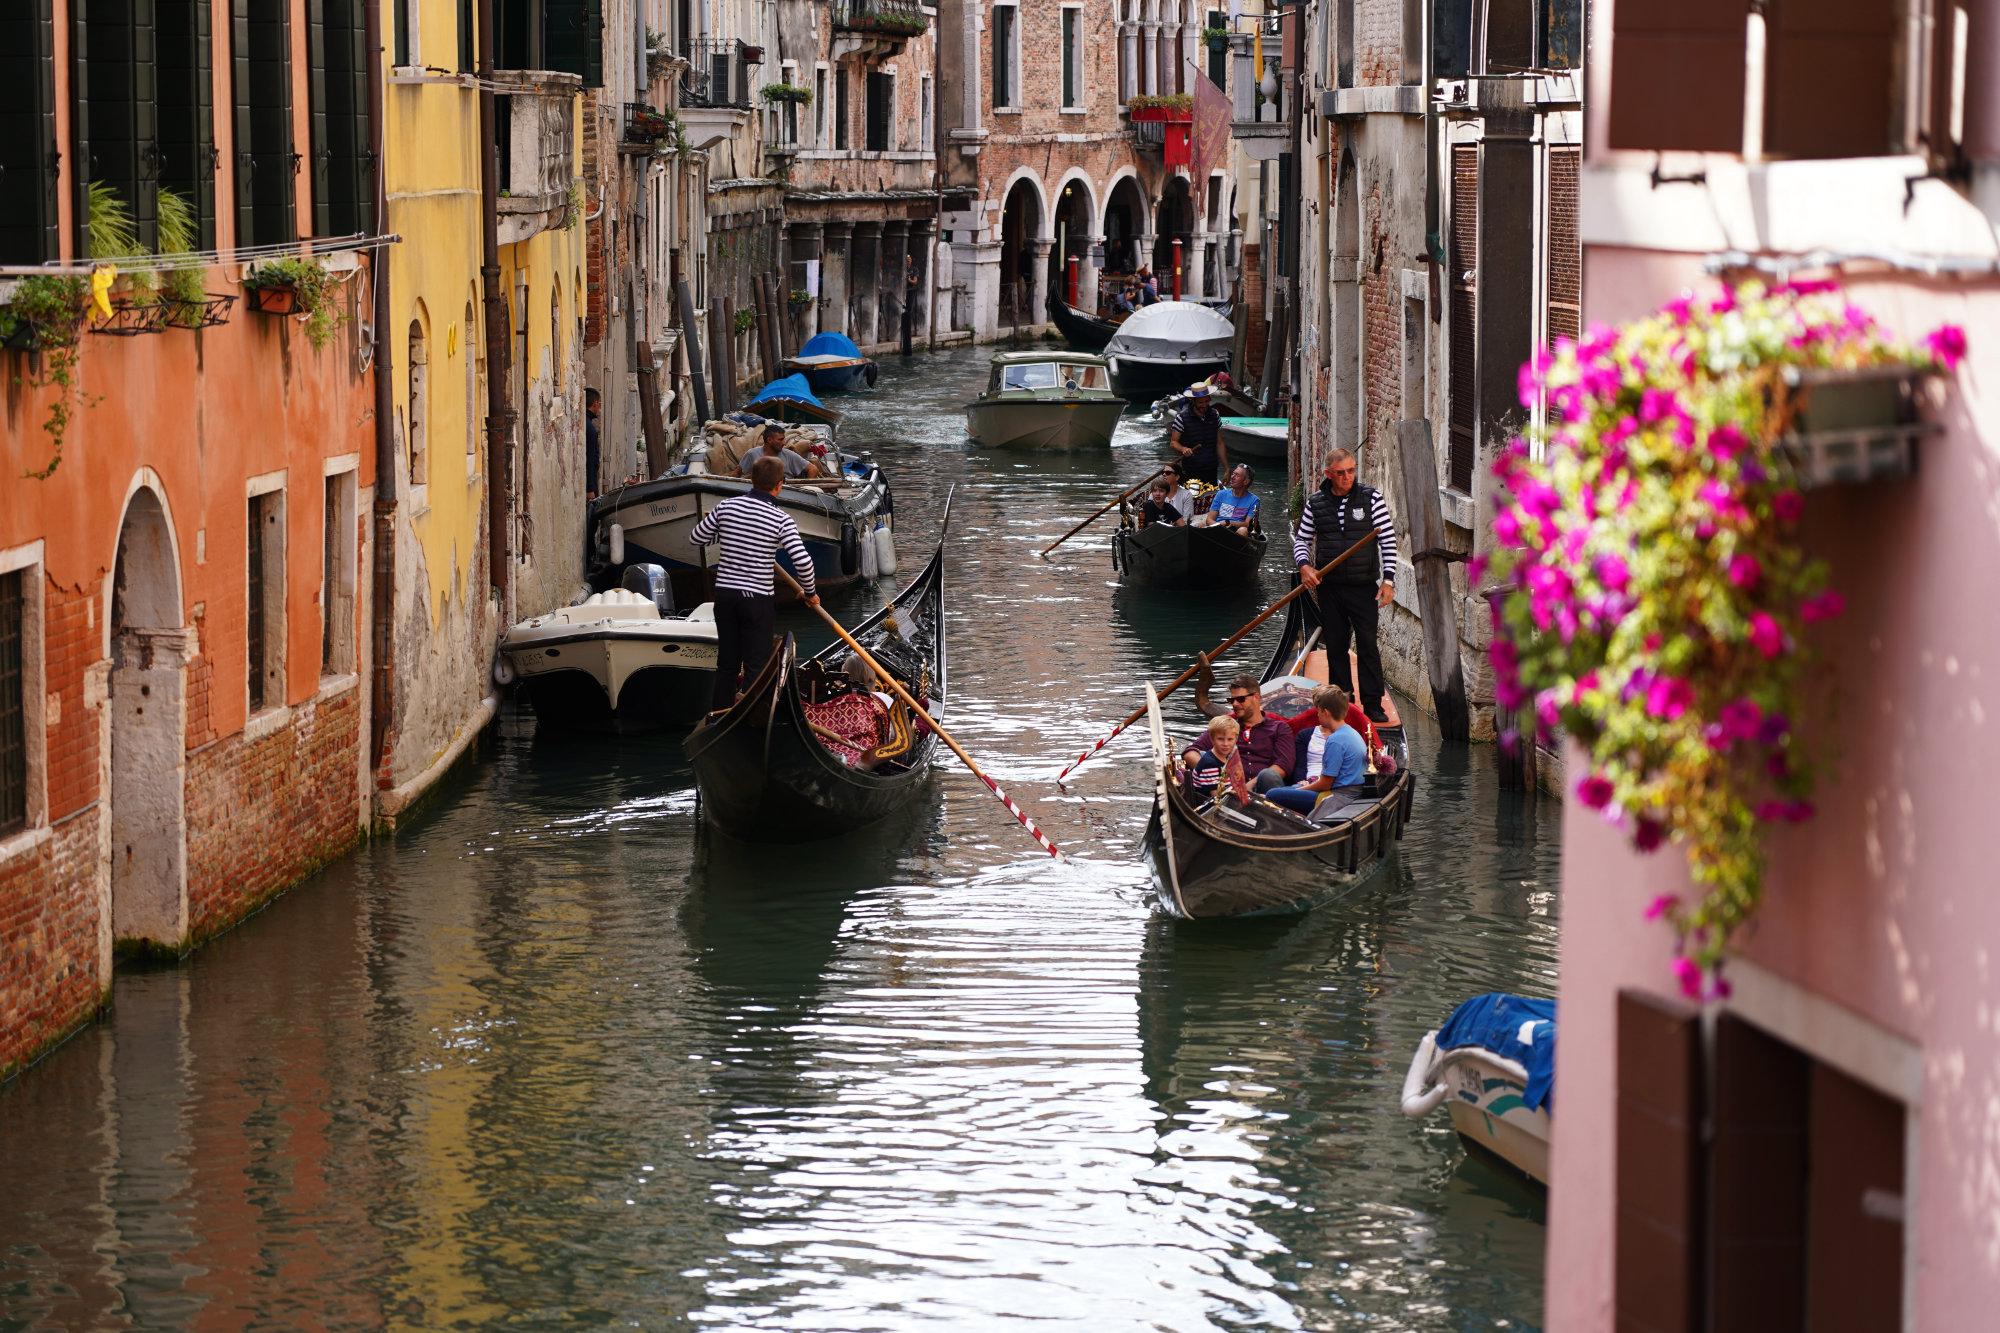 Venedig Sehenswürdigkeiten Kanal mit Gondeln